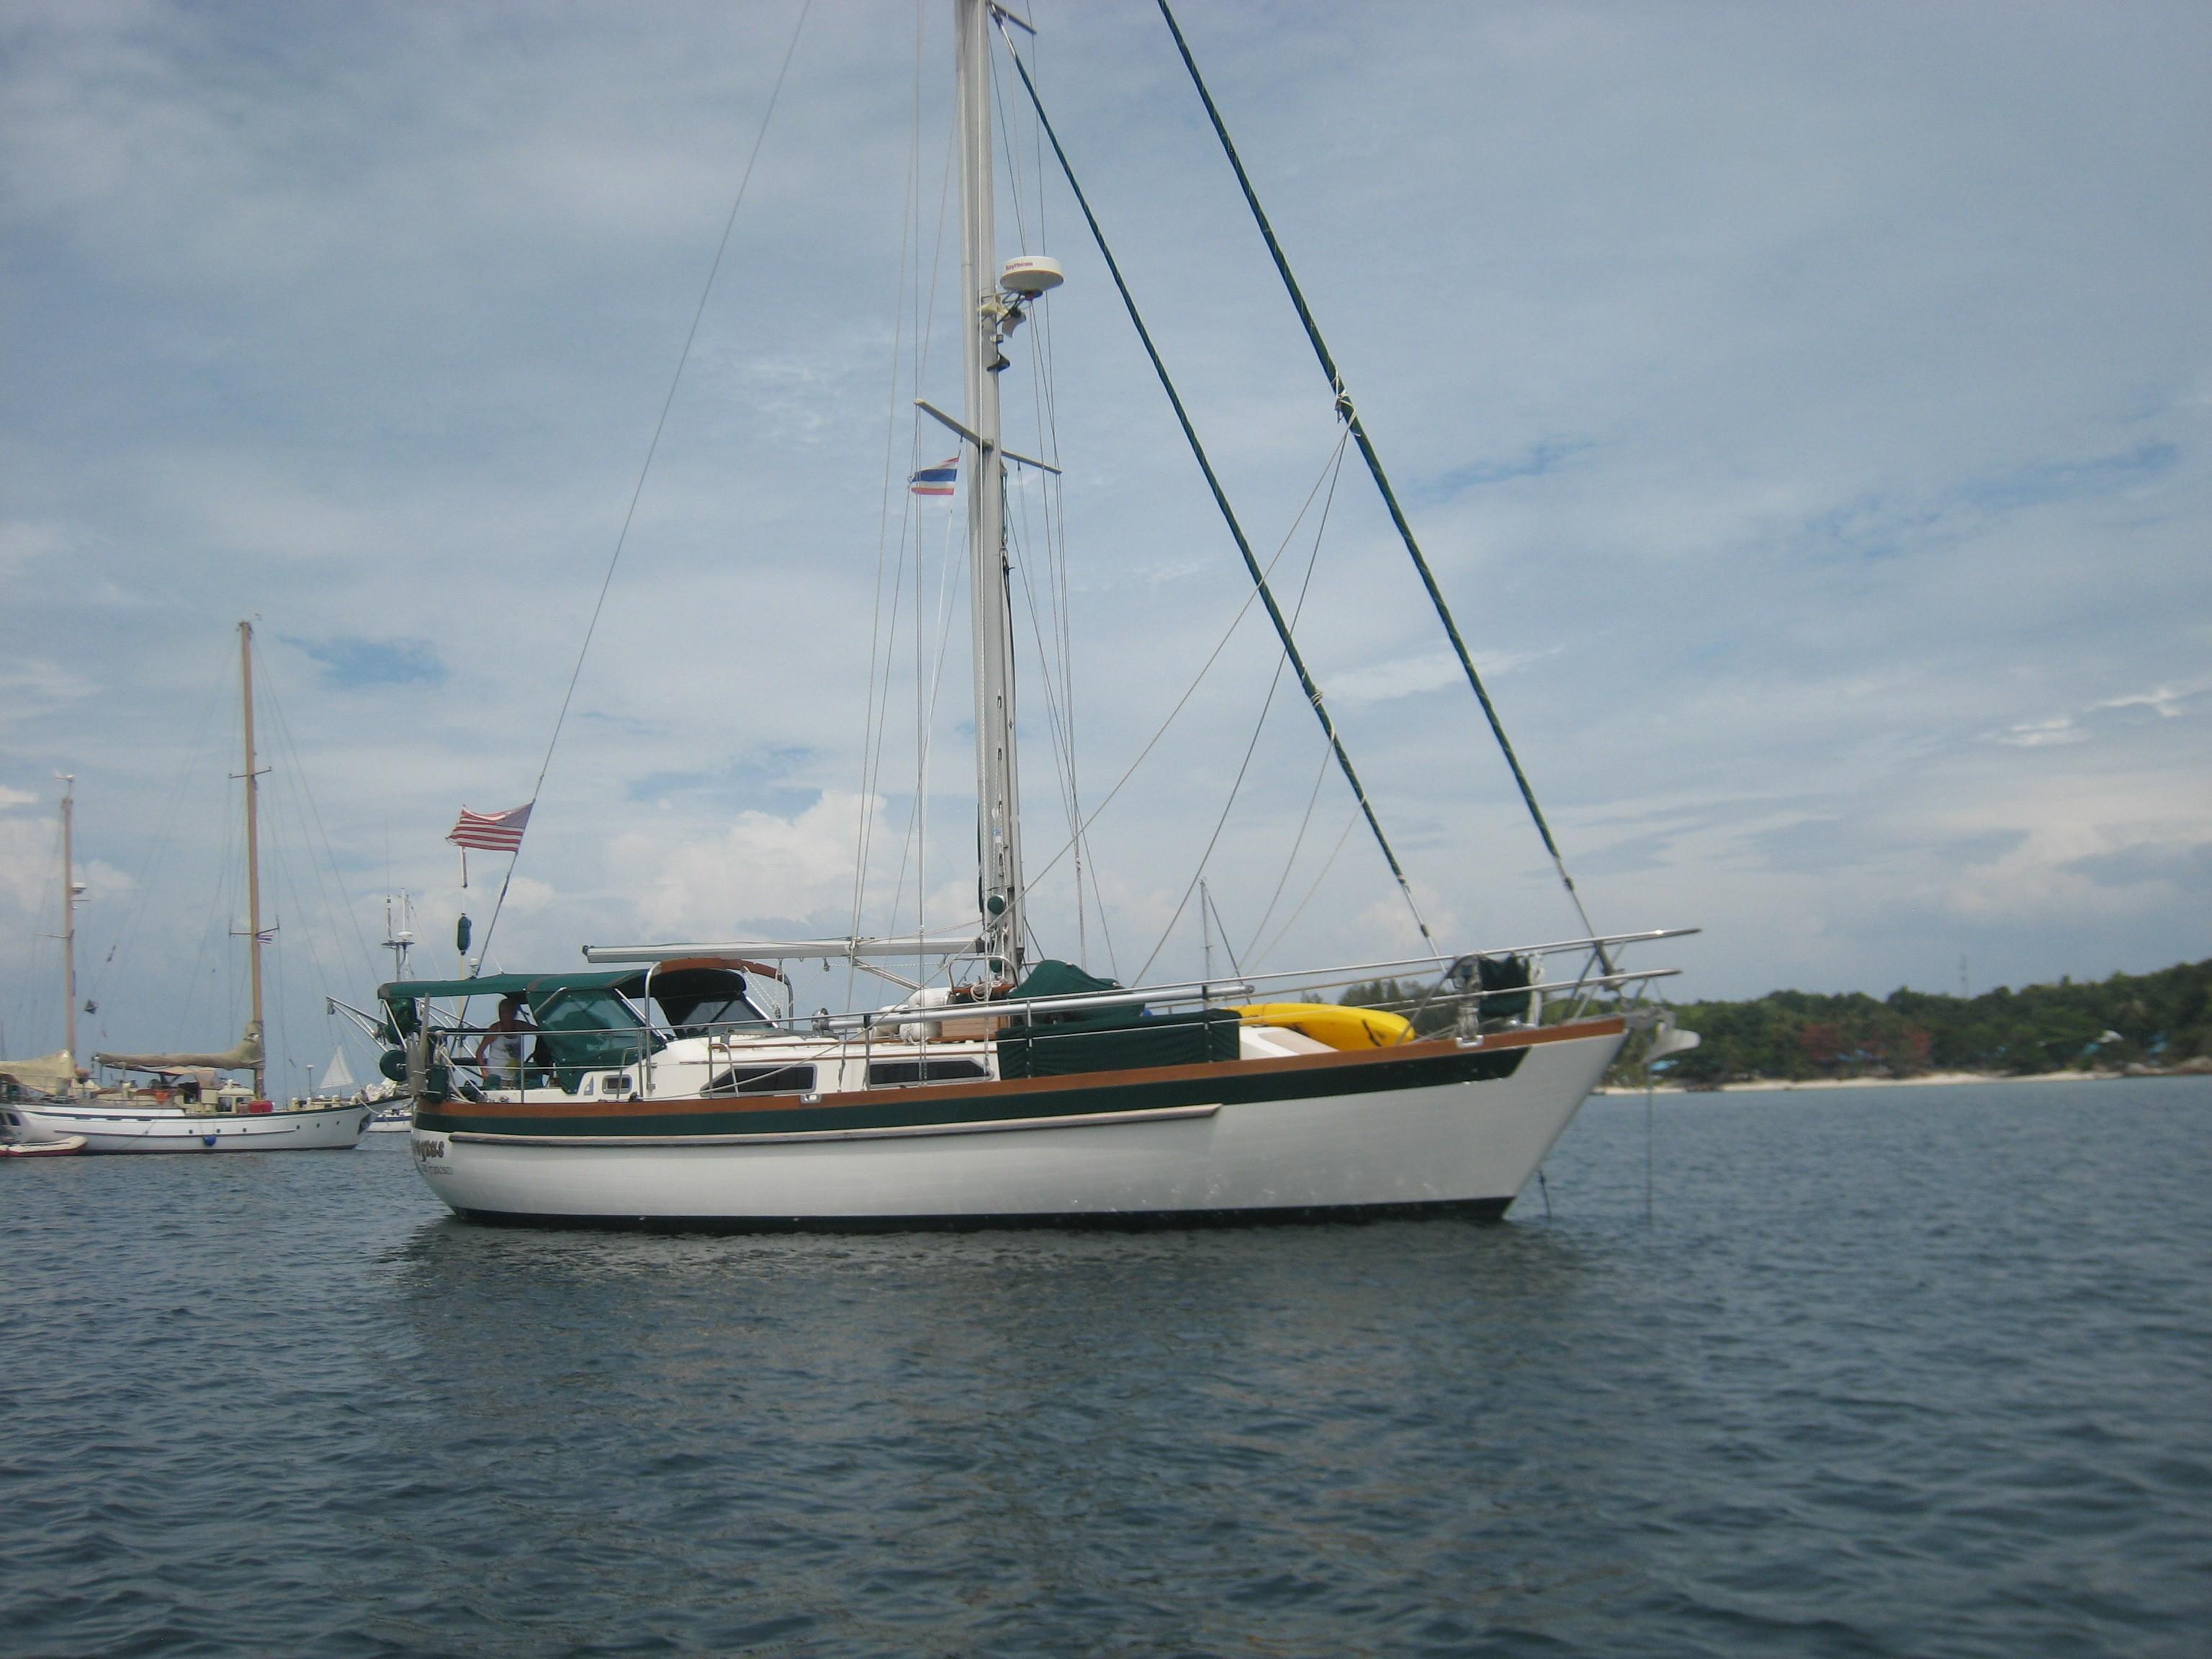 Slocum 43 at anchor